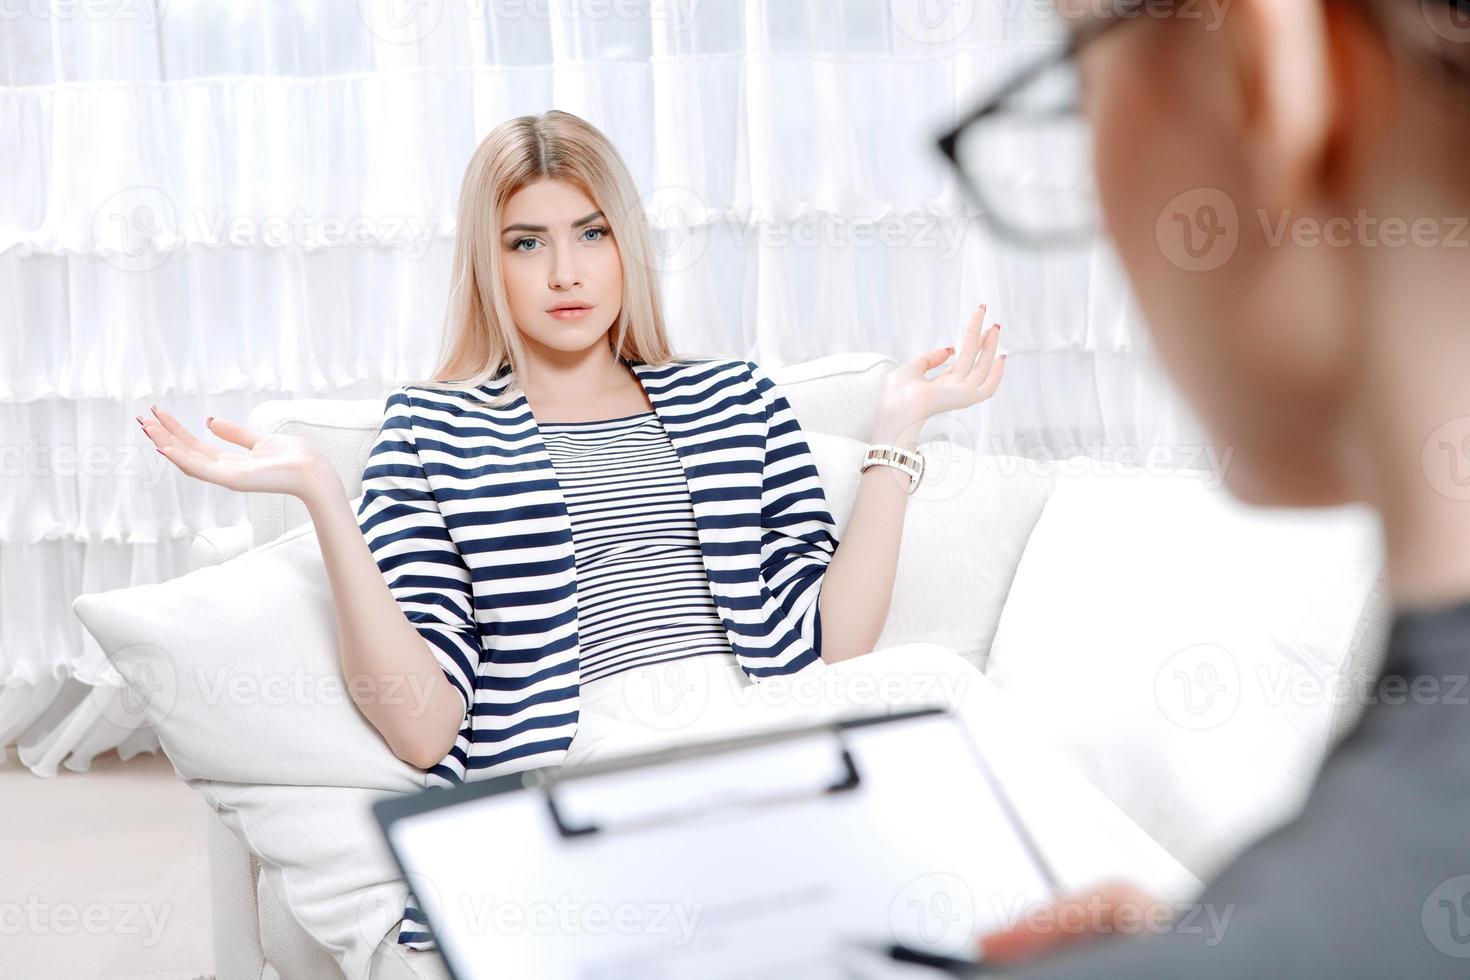 paziente alla sessione di terapia psicologica foto